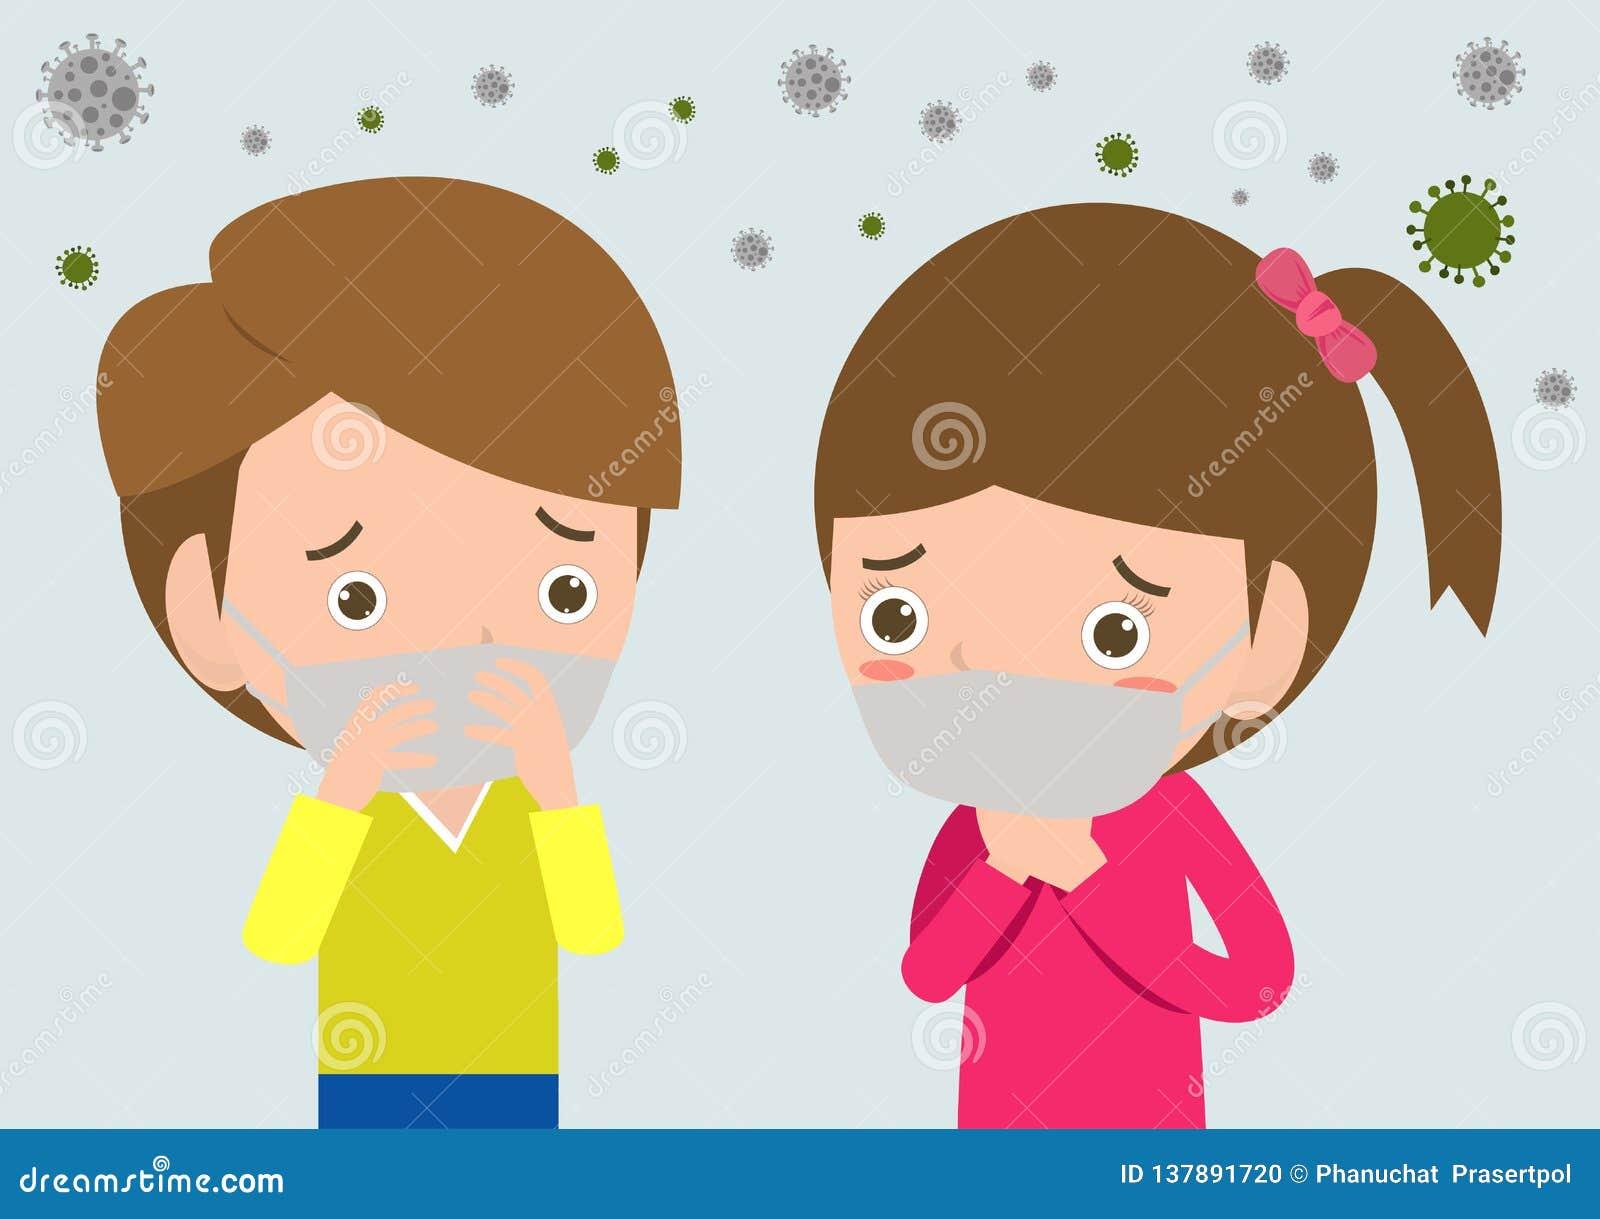 在面具的孩子由于美好的尘土,反对烟雾的男孩和女孩佩带的面具 美好的尘土,空气污染,工业烟雾保护c